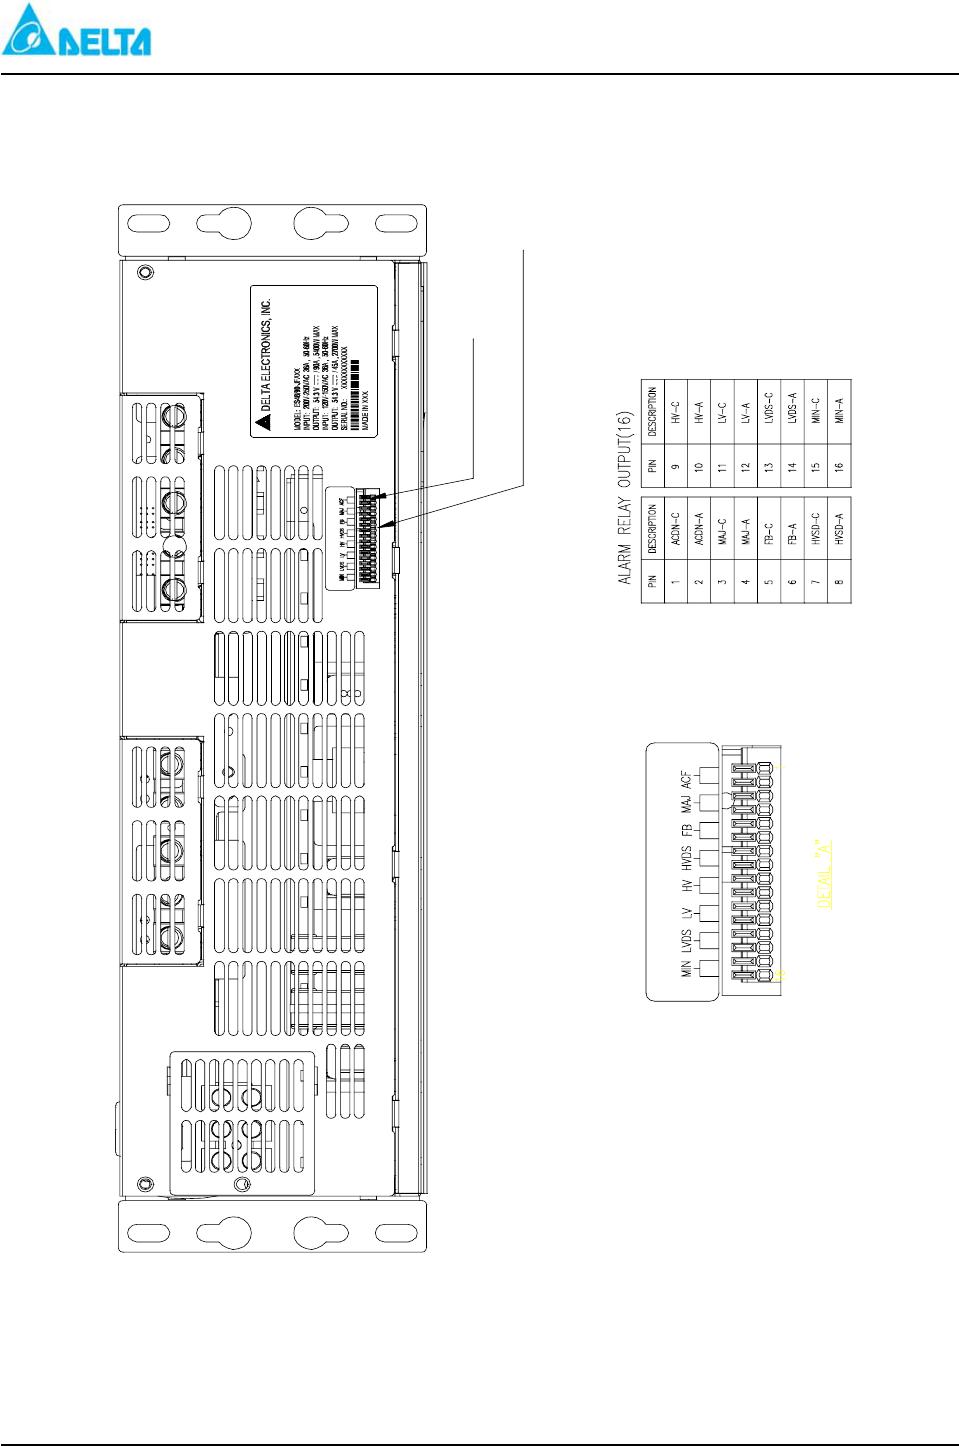 hight resolution of delta mcs 1800 figure 3 1 es 48 90 jfaxx alarm relay output connectors